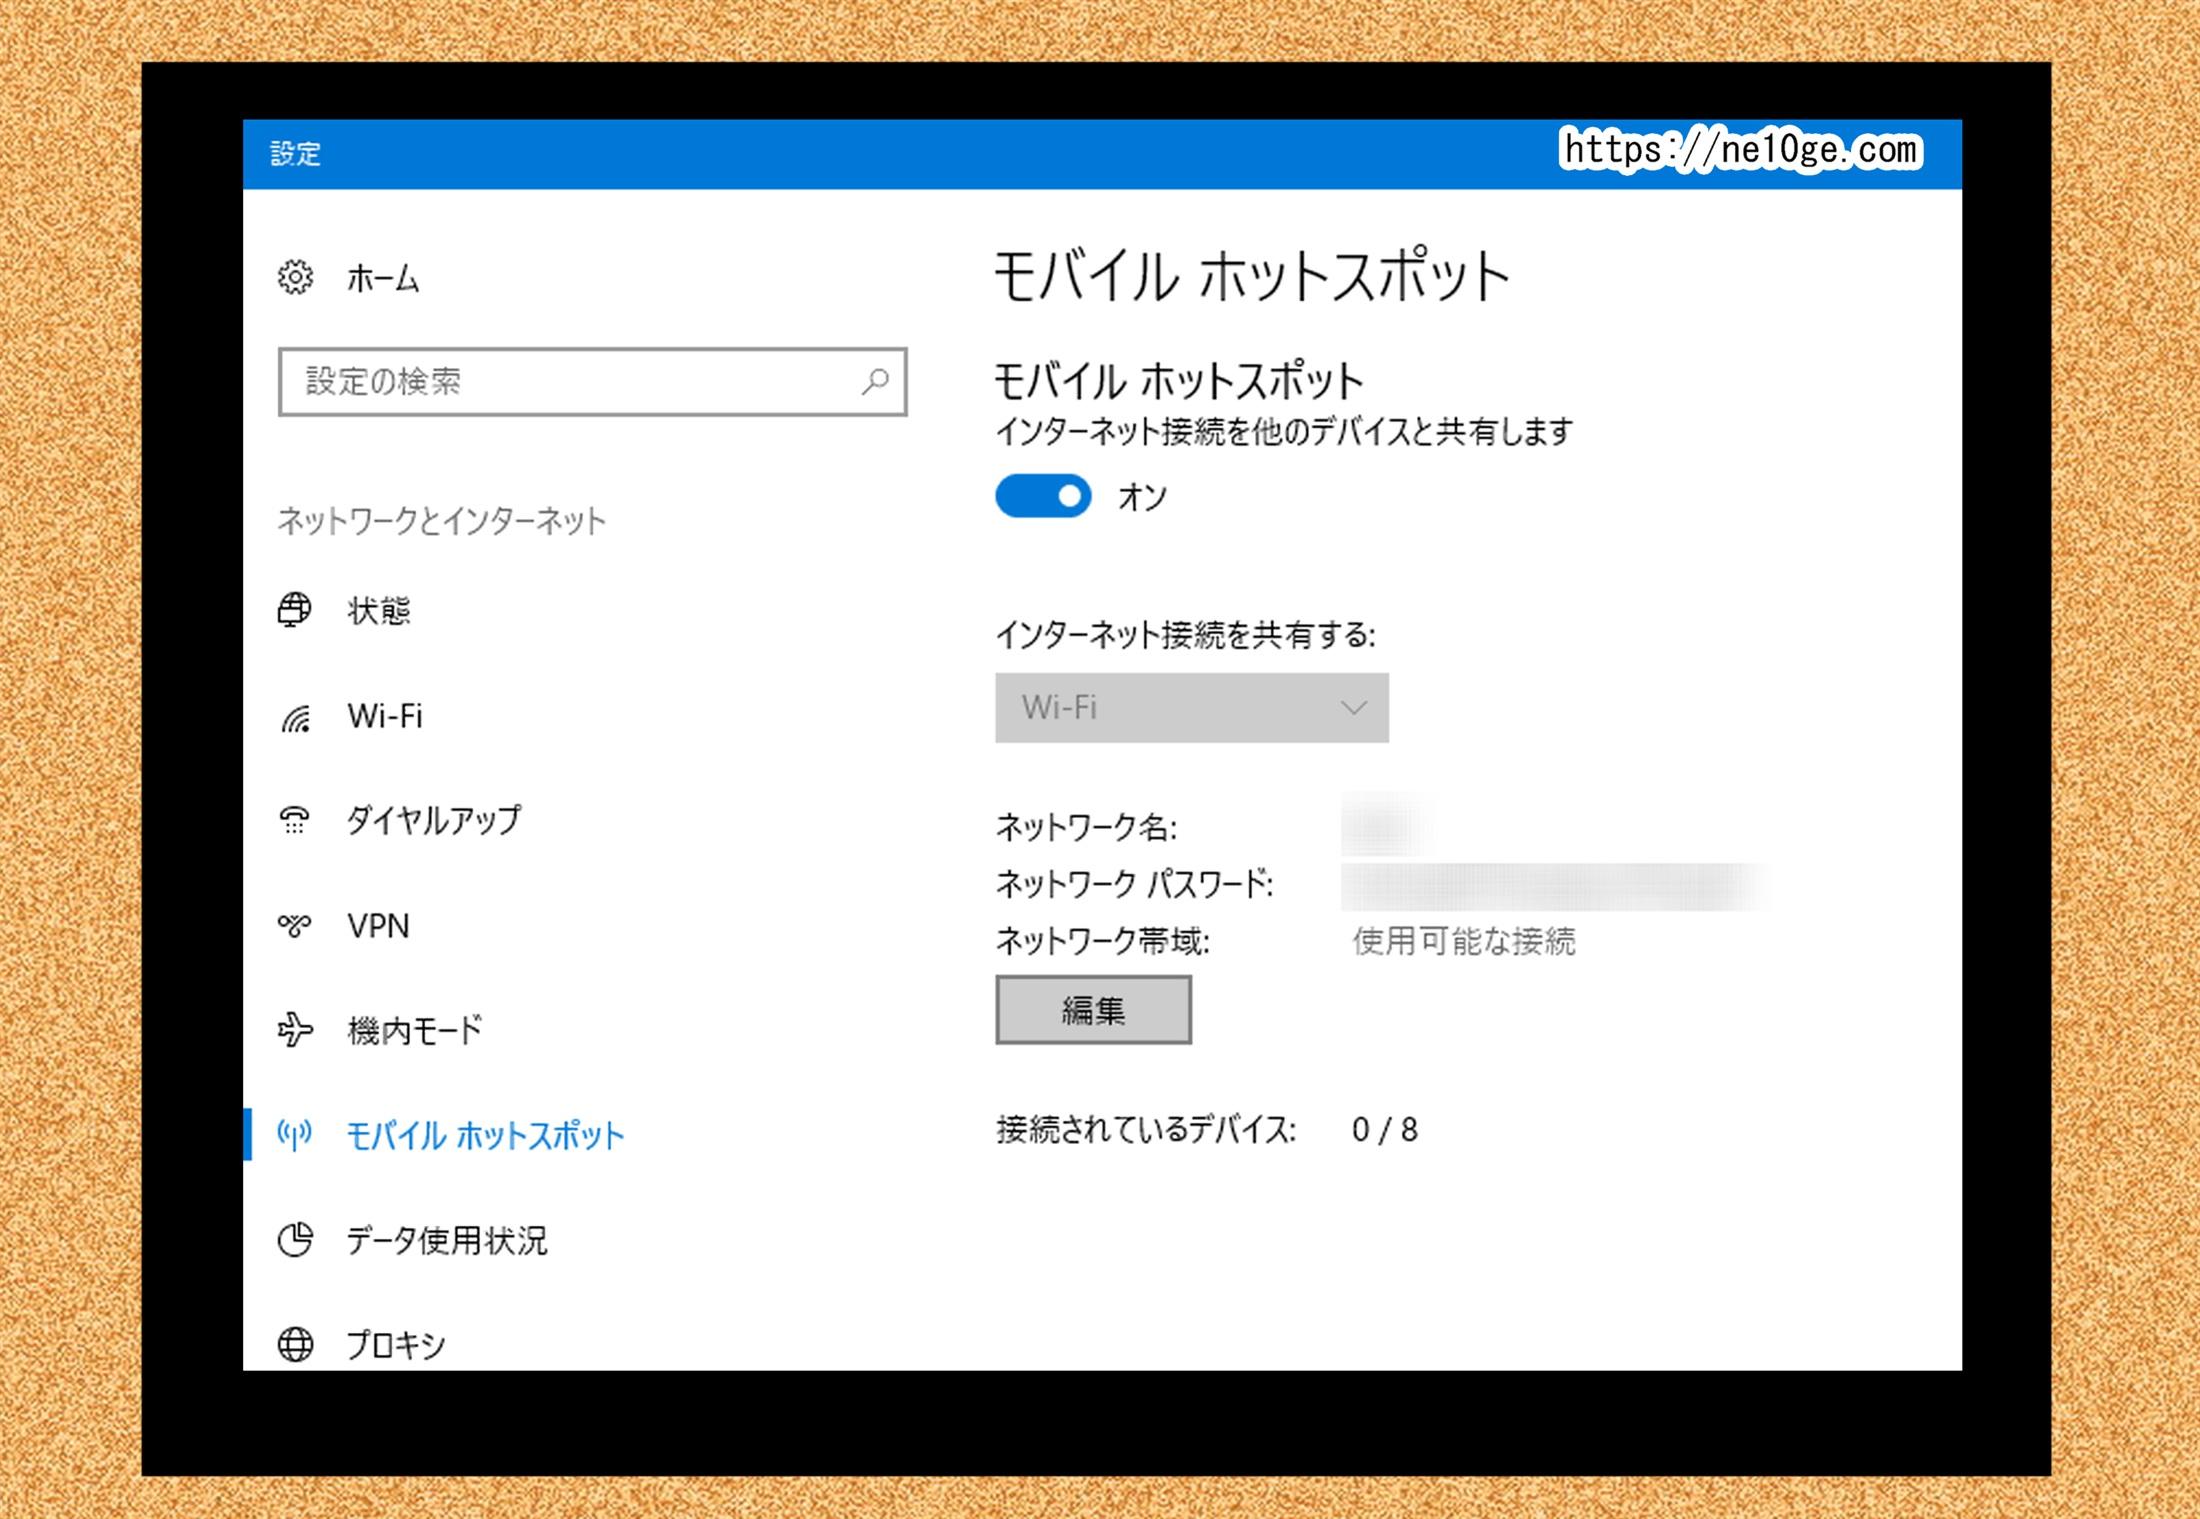 モバイルホットスポットのネットワーク名やパスワードを変える画面